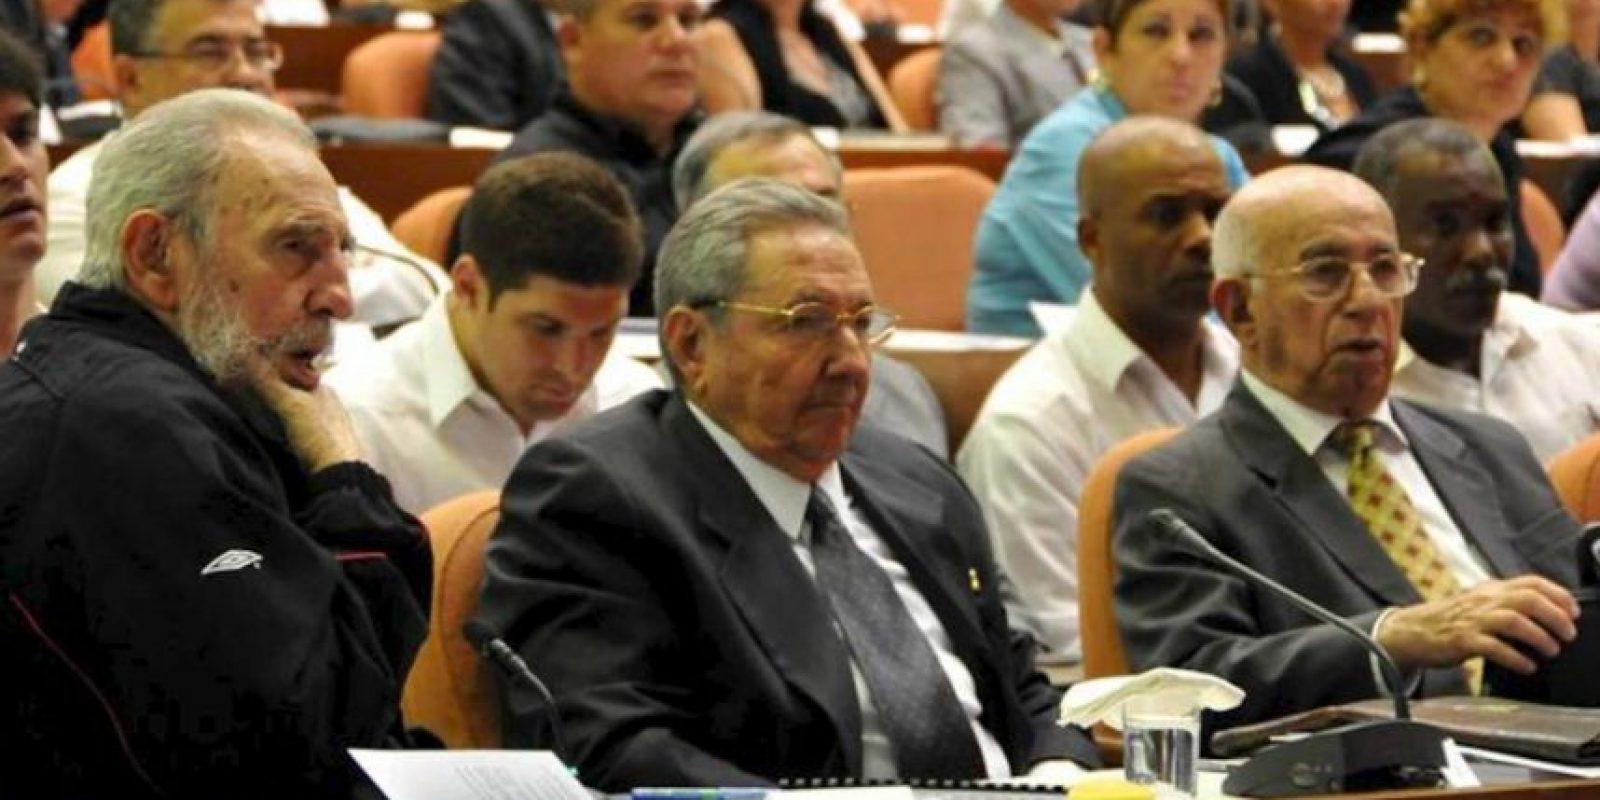 El líder de la Revolución cubana, Fidel Castro (i), y su hermano, el presidente de Cuba, Raúl Castro (c), presiden este domingo 24 de febrero de 2013, la sesión de la Asamblea Nacional de Cuba que abrirá su octava legislatura, en La Habana. EFE